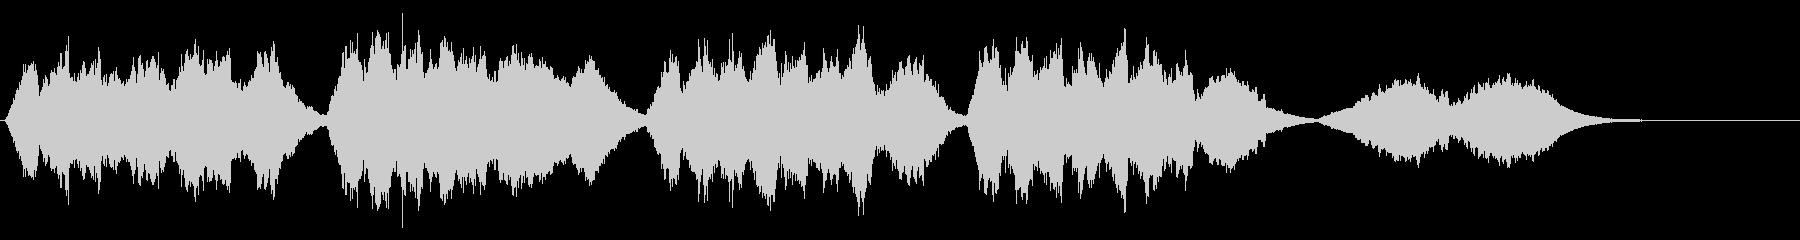 賛美歌/こよなくかしこし/弦楽四重奏の未再生の波形